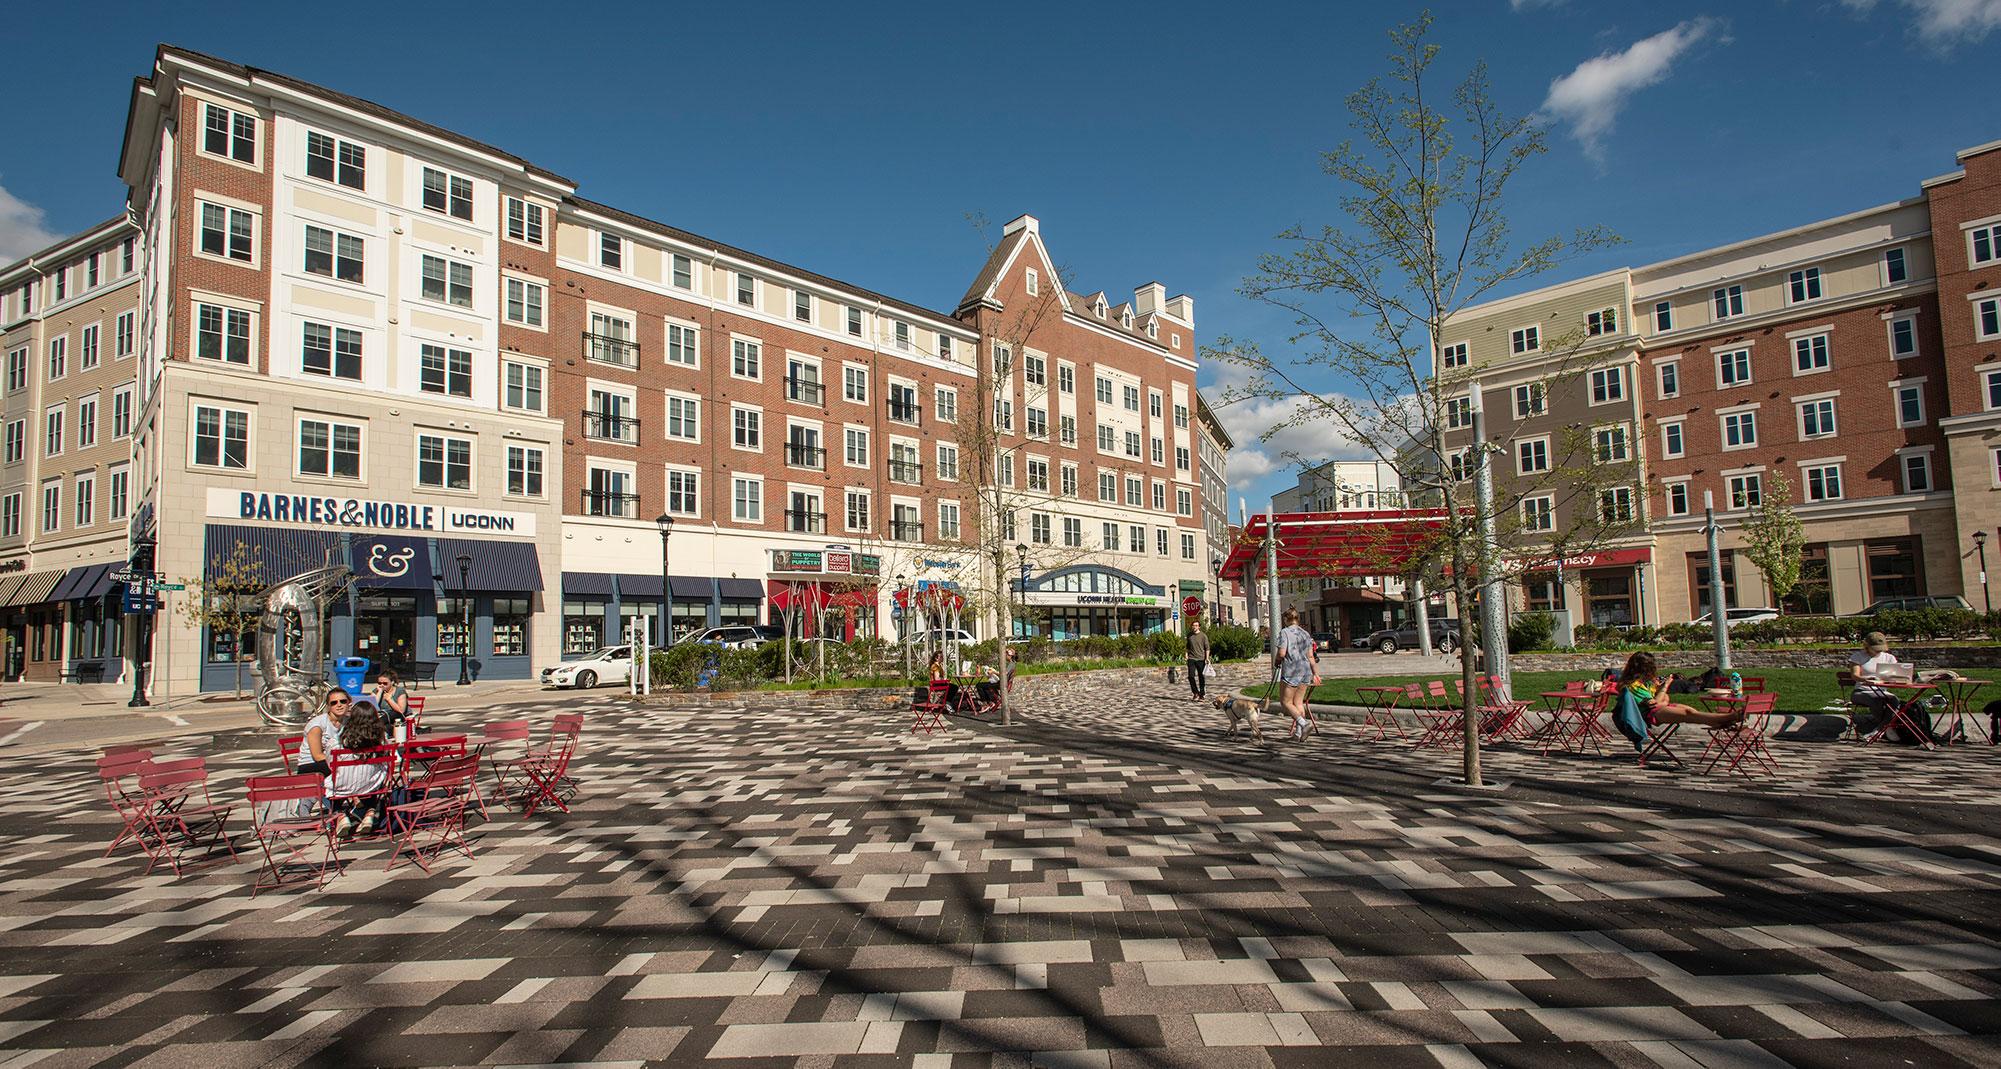 Downtown Storrs, Connecticut